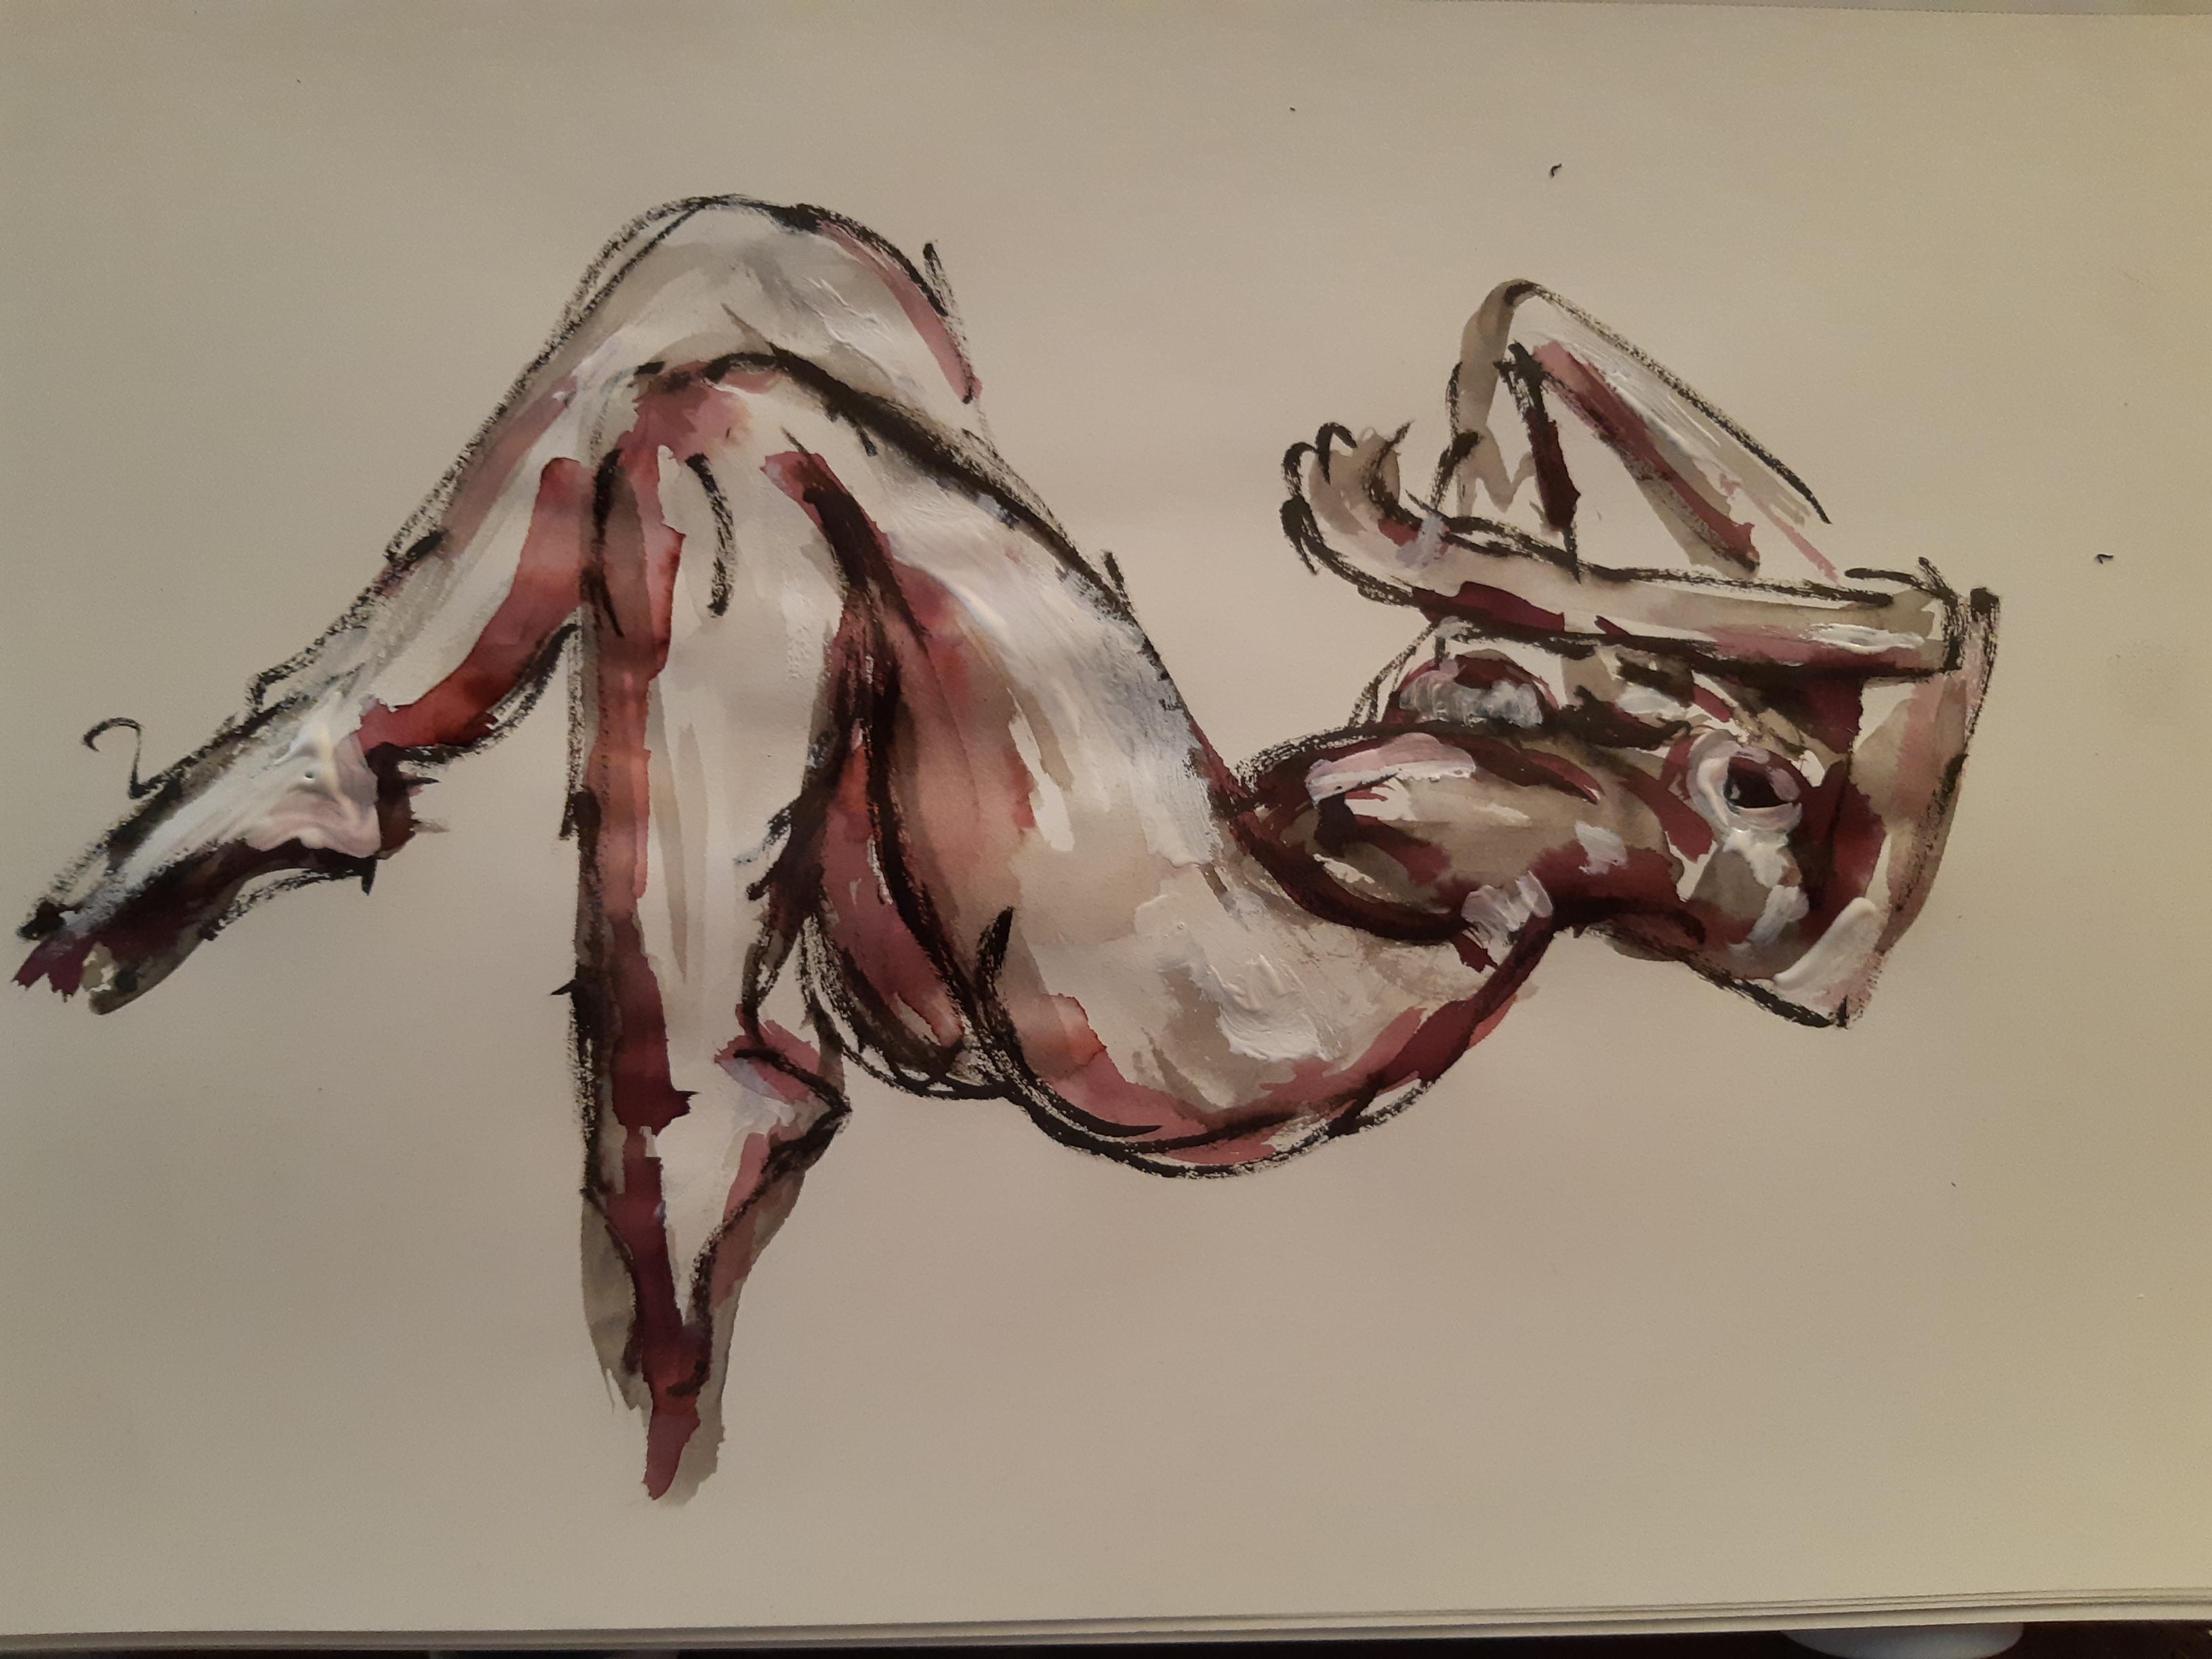 Peinture acrylique sur papier raccourci femme allongé sur le dos  cours de dessin